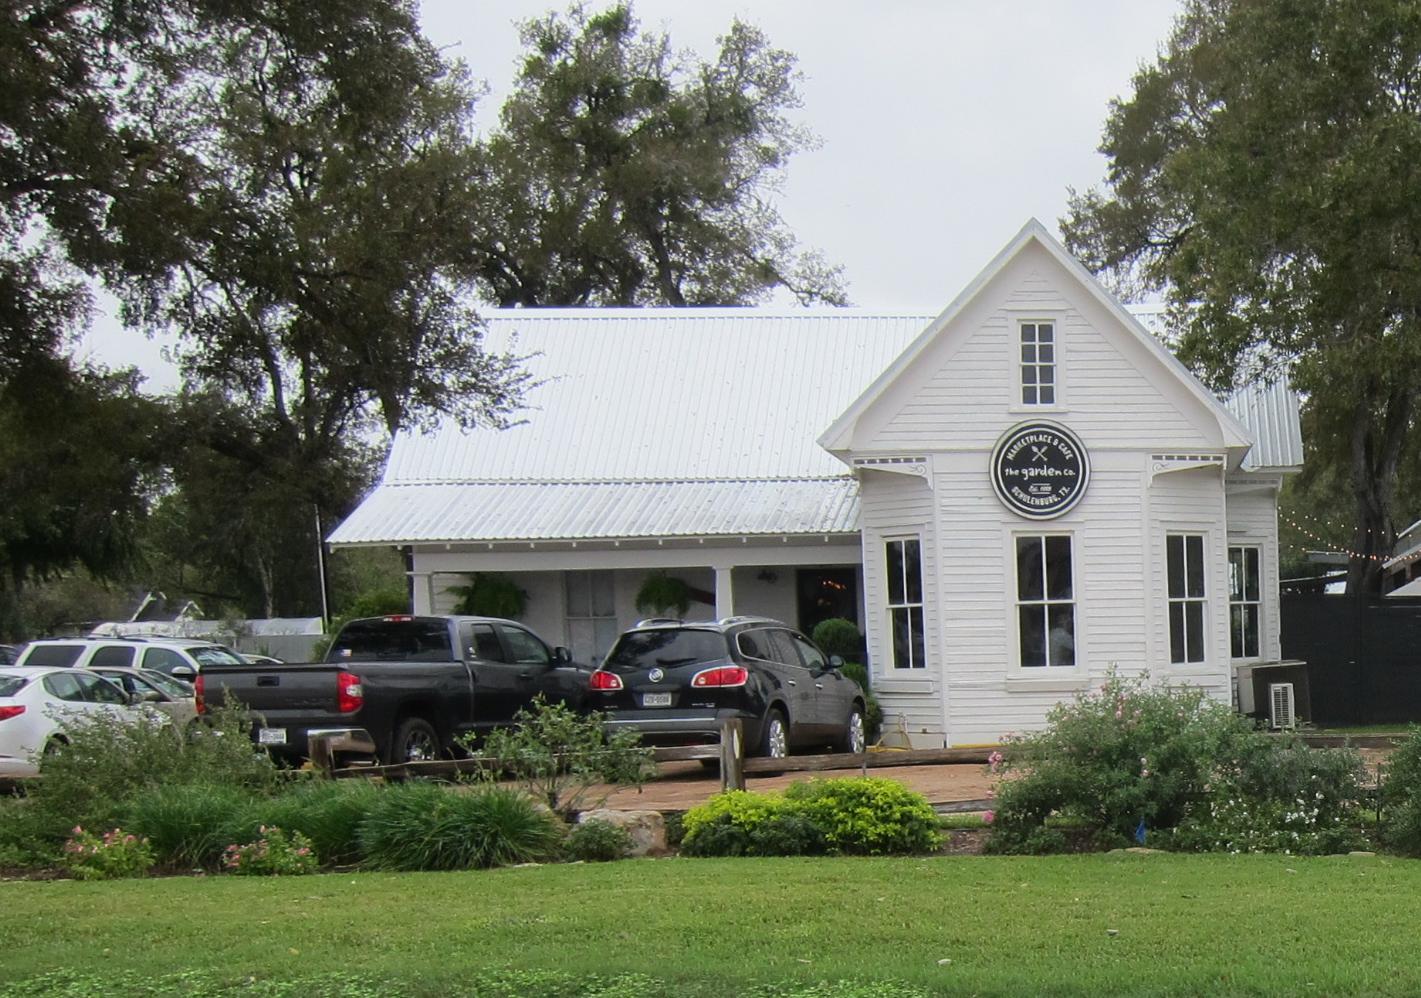 The Garden Company Cafe